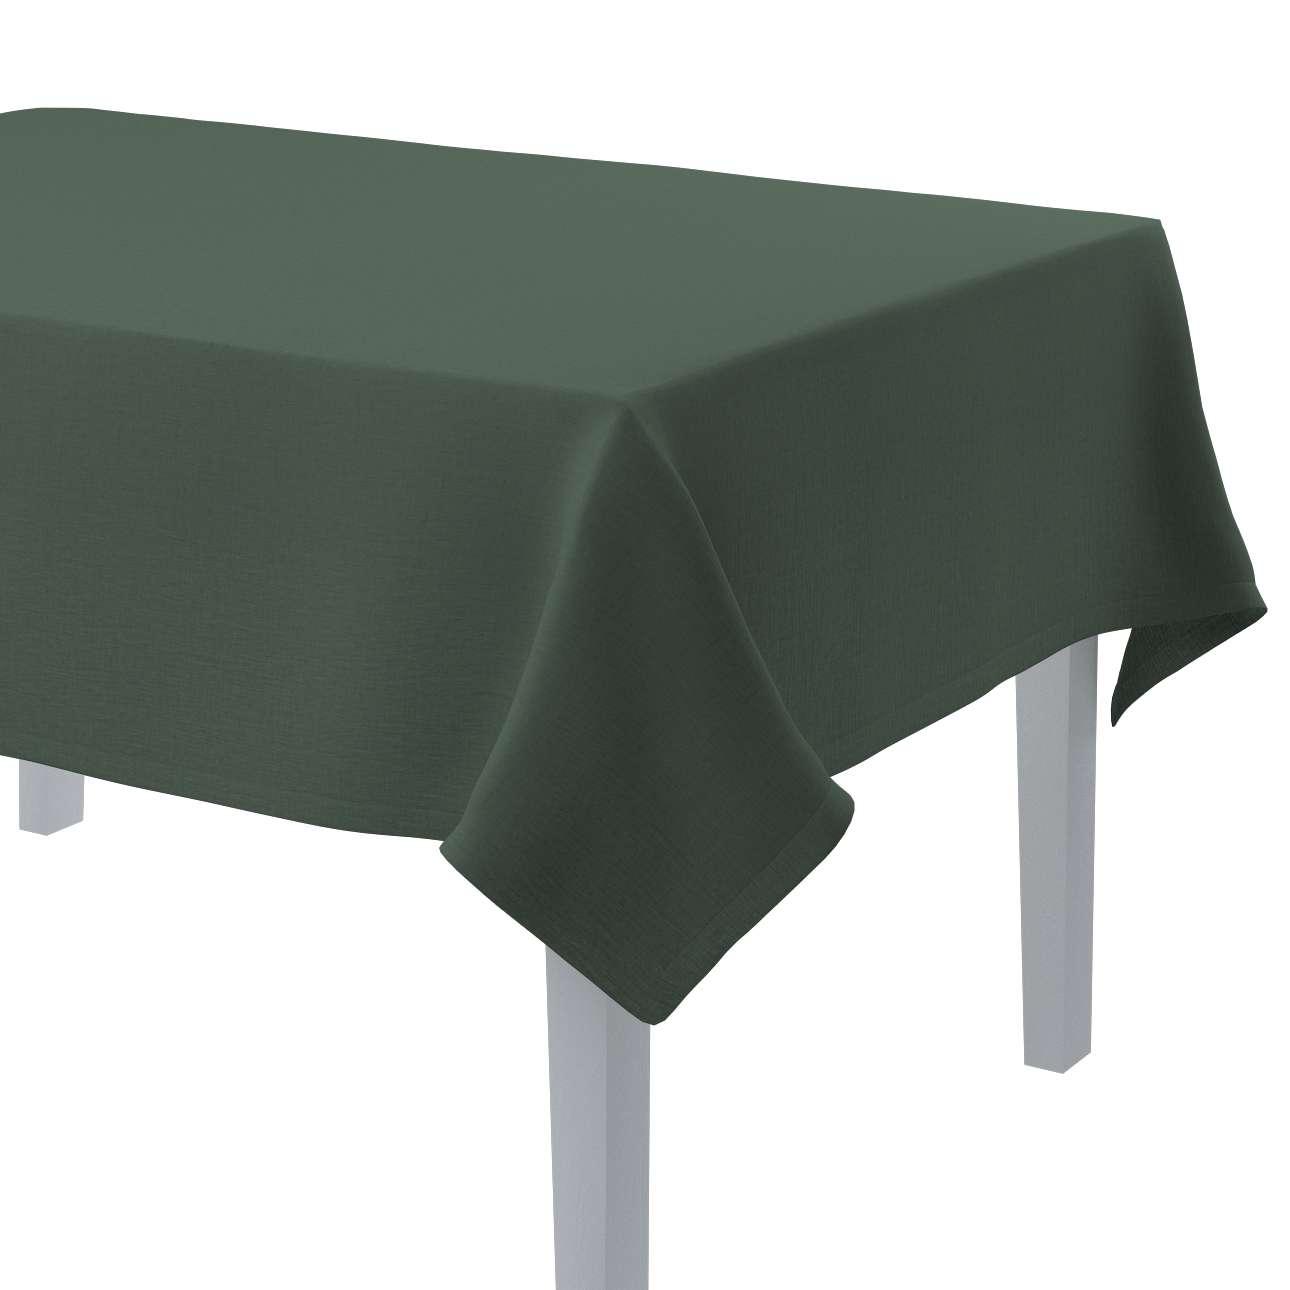 Rektangulære borddug fra kollektionen Linen, Stof: 159-08